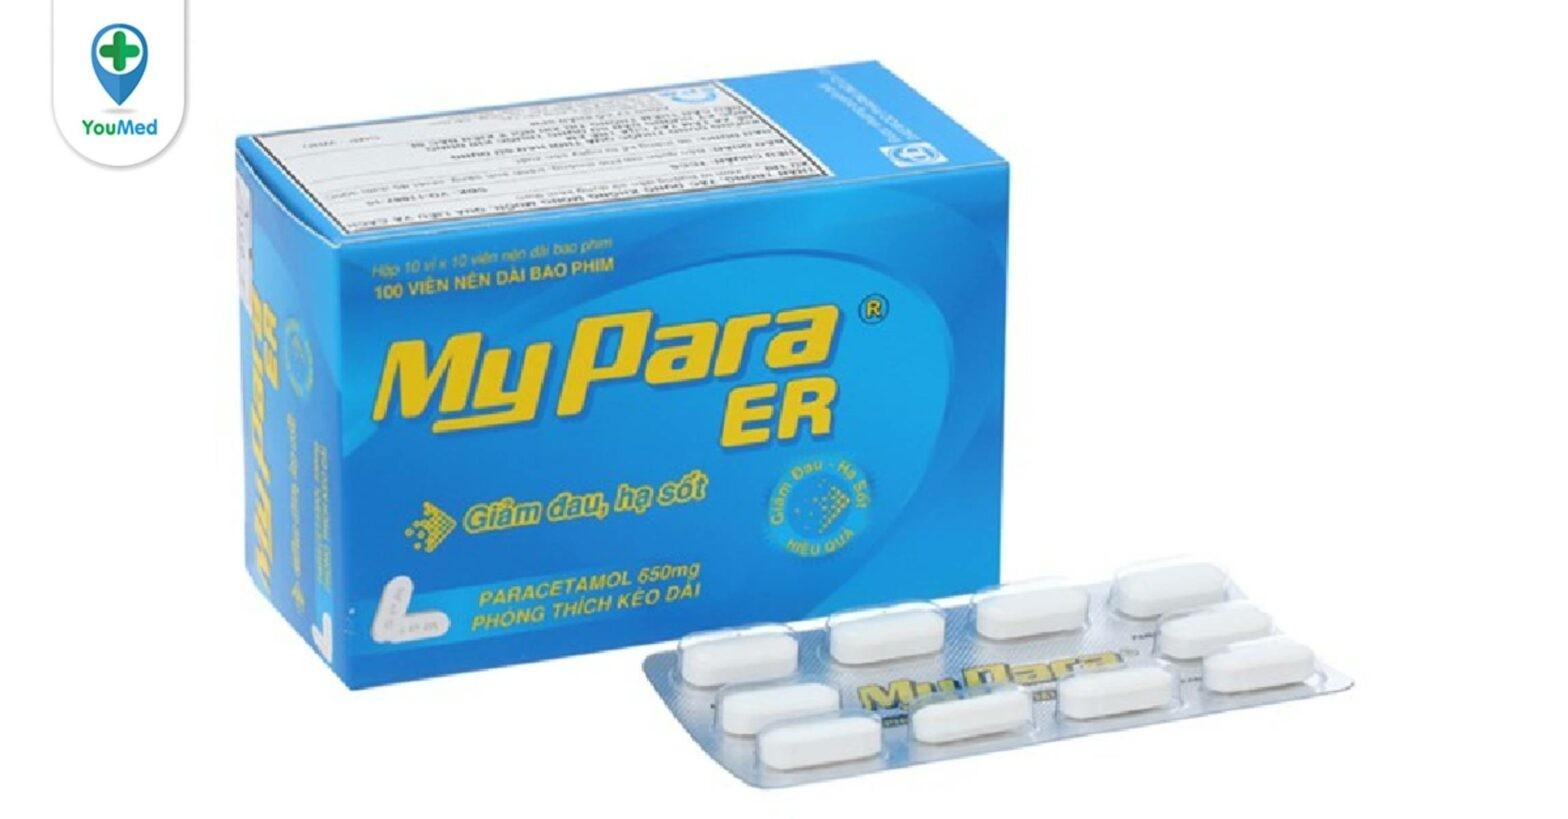 Thuốc Mypara ER là thuốc gì? giá, công dụng, cách dùng và những lưu ý